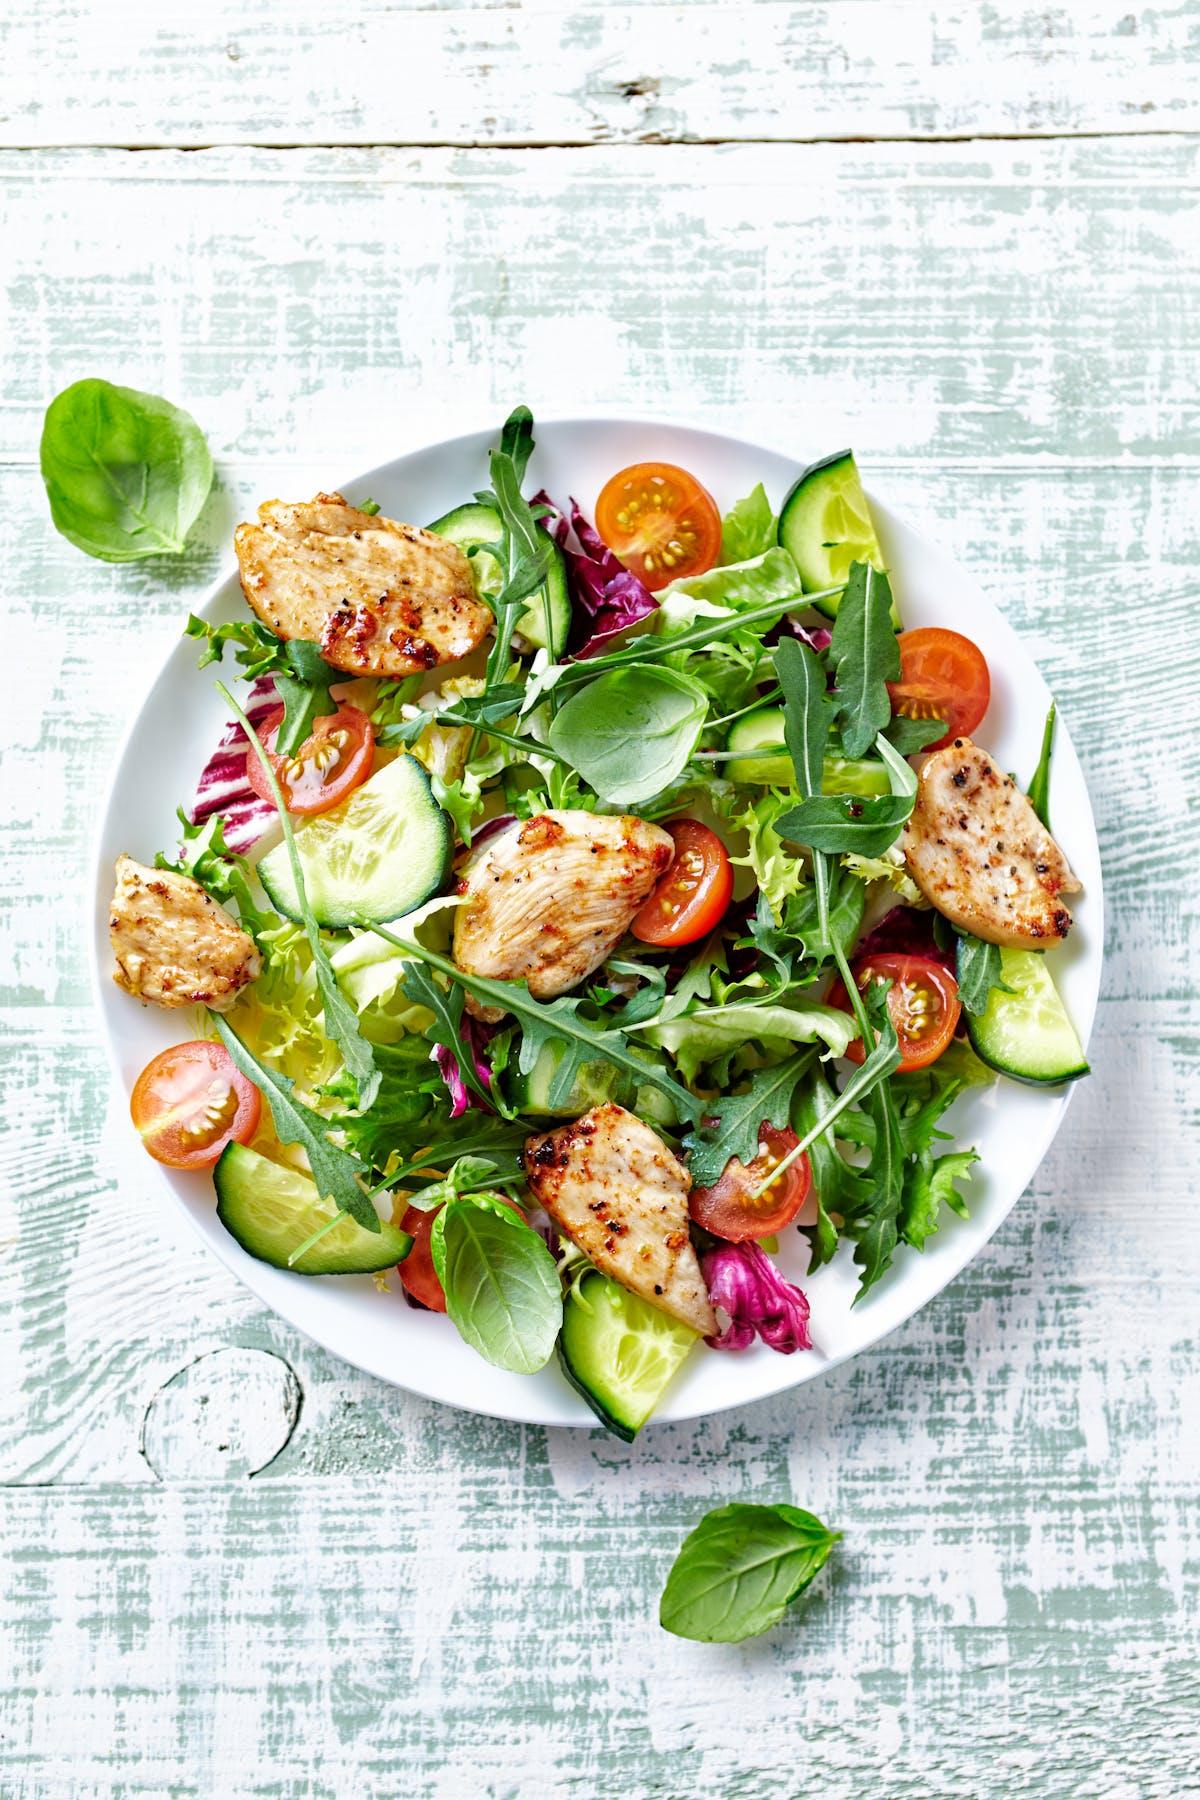 Ensalada de pollo con hojas verdes y tomate